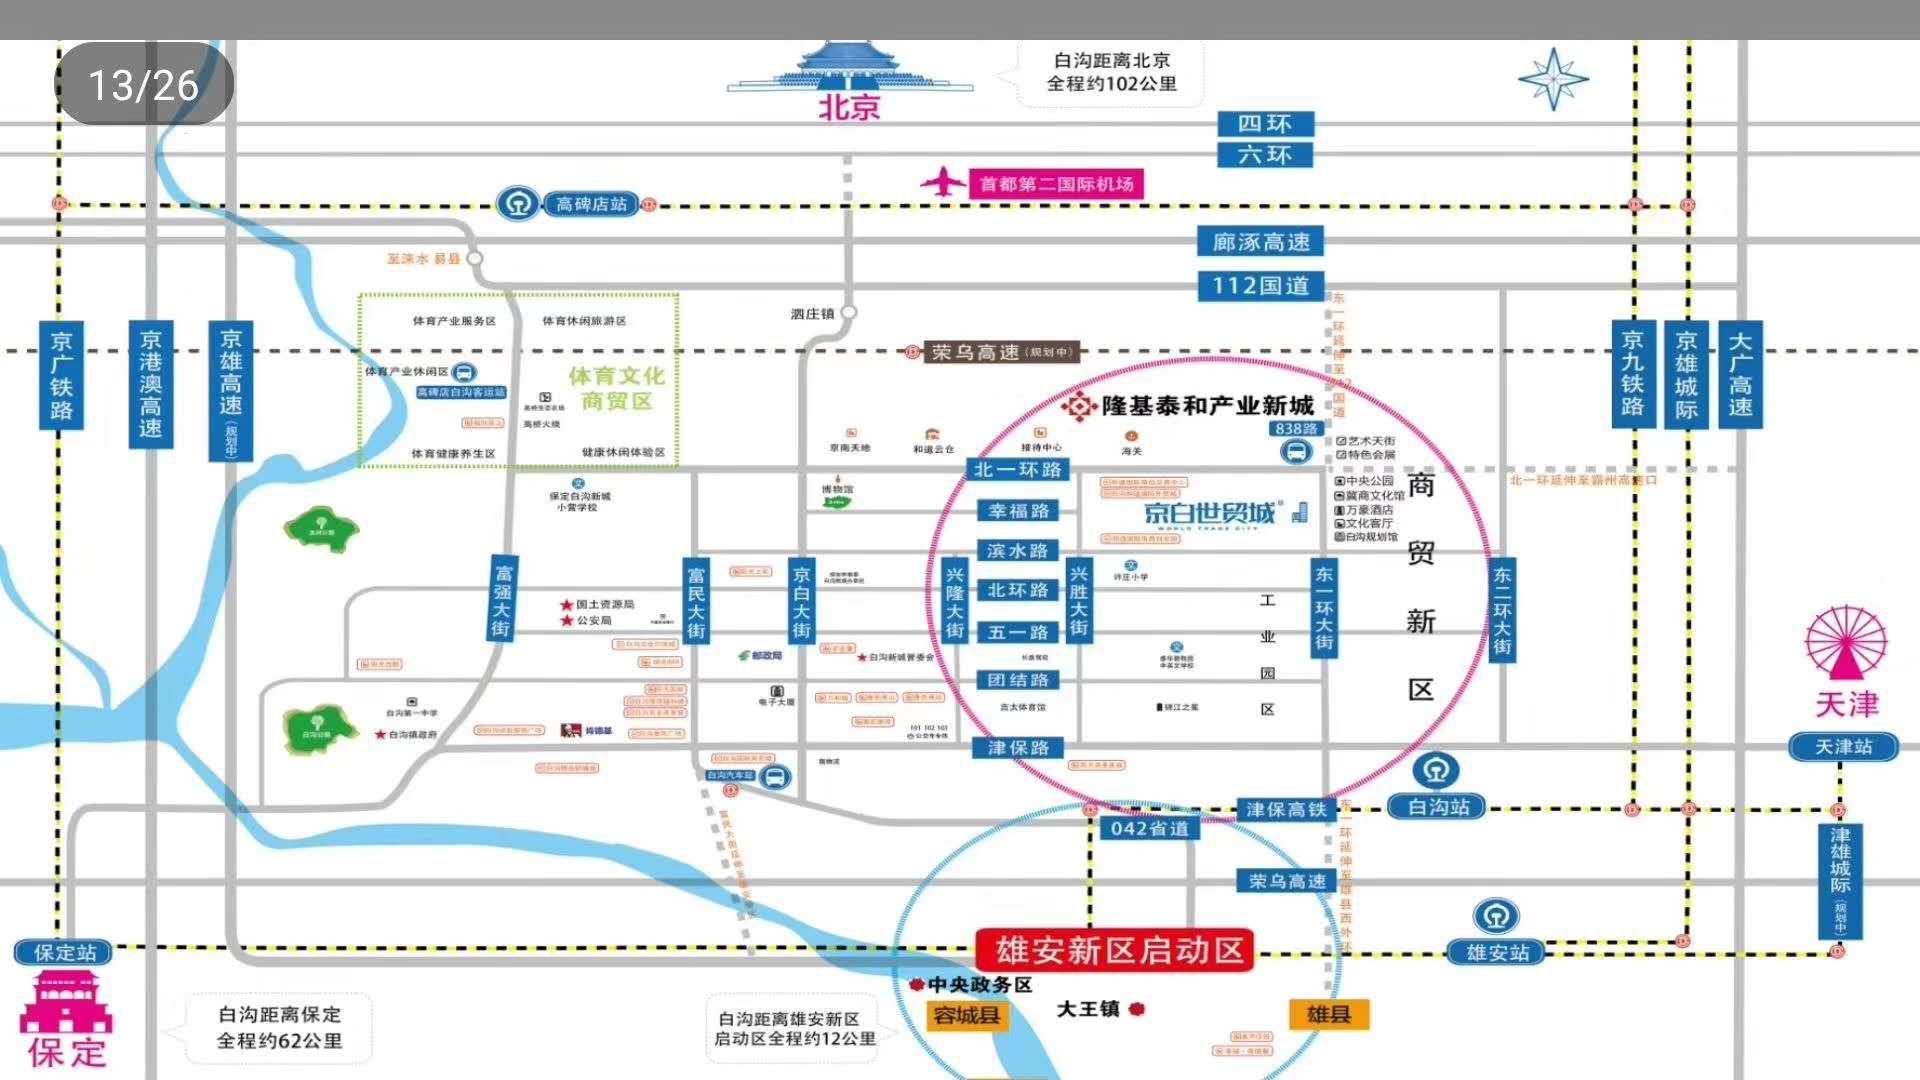 紫金台项目介绍+调价通知+宜川